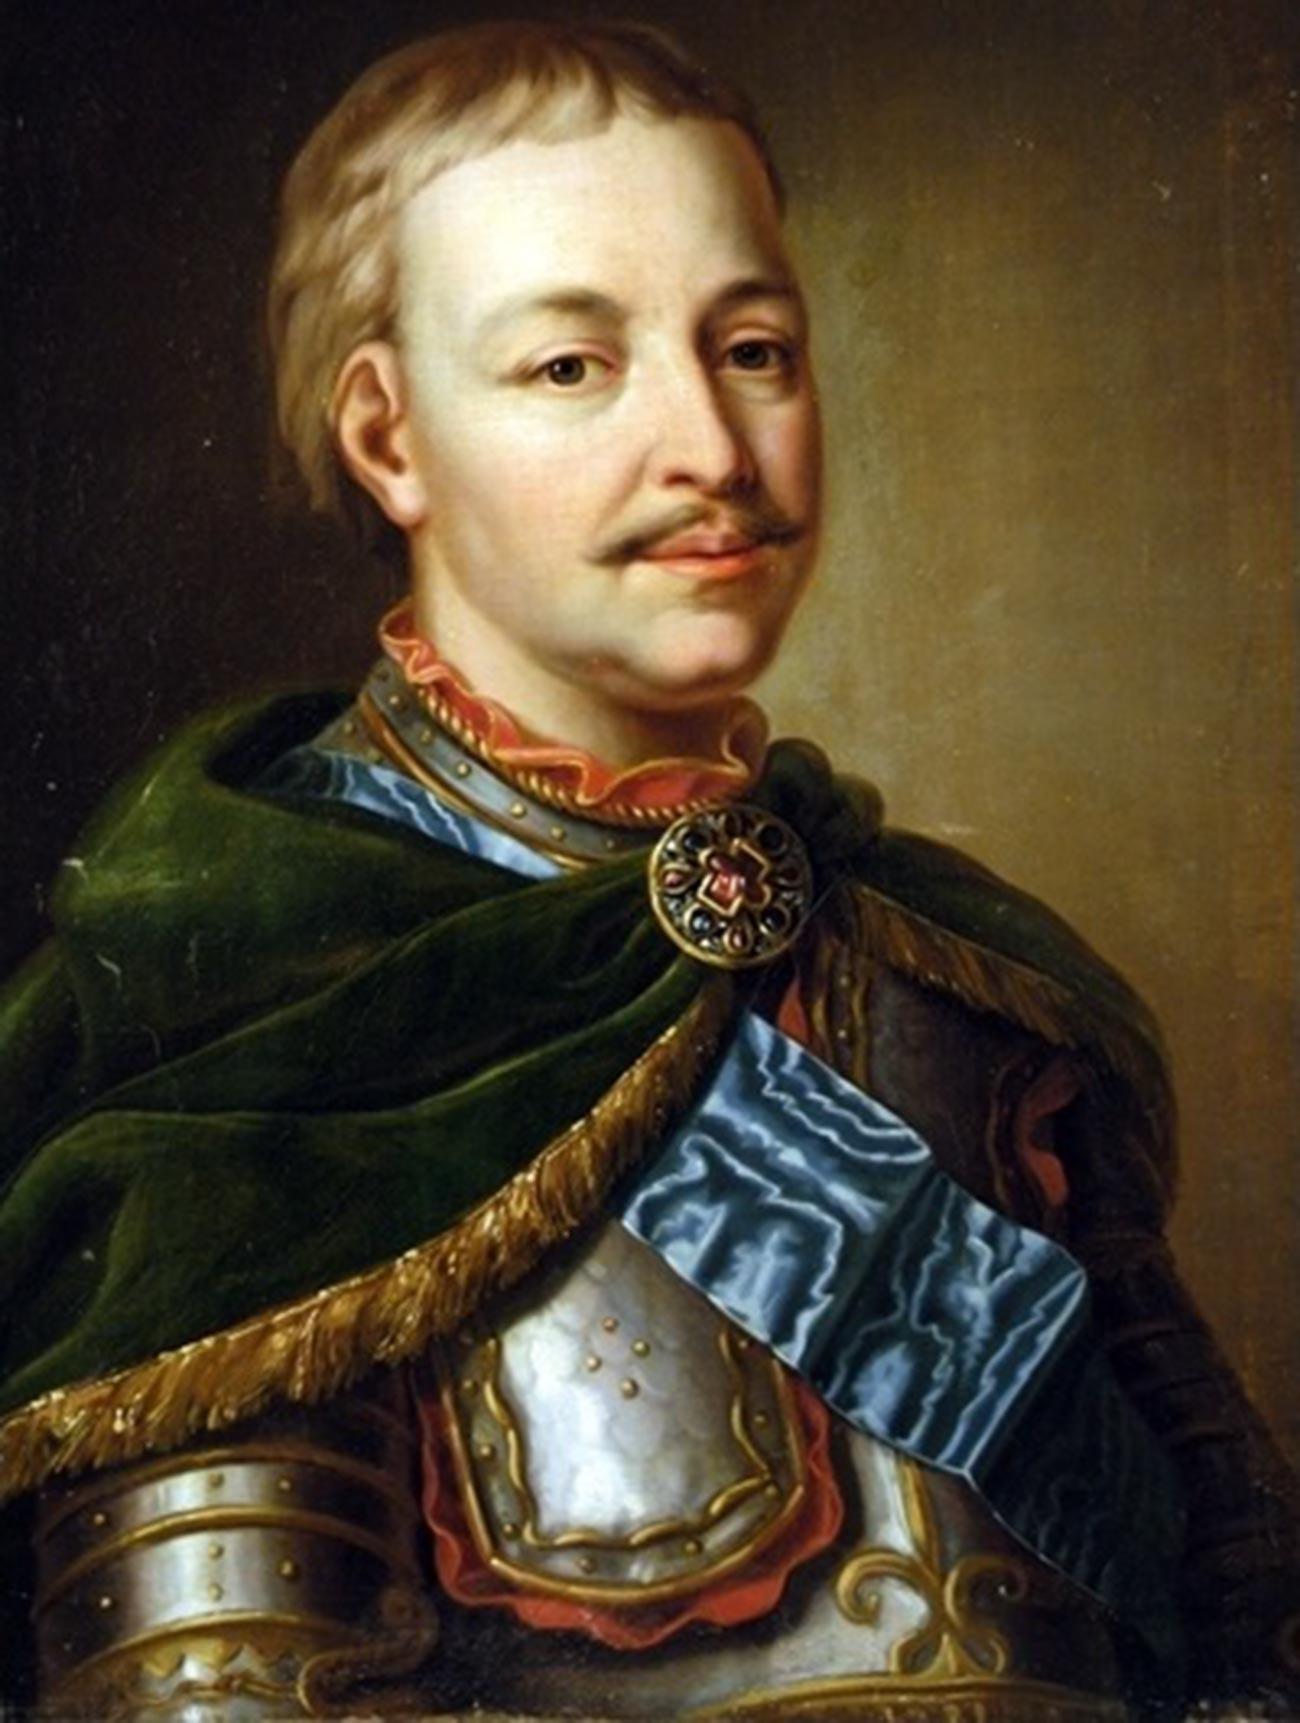 Ritratto di Ivan Mazepa, fine XVIII secolo. Copia